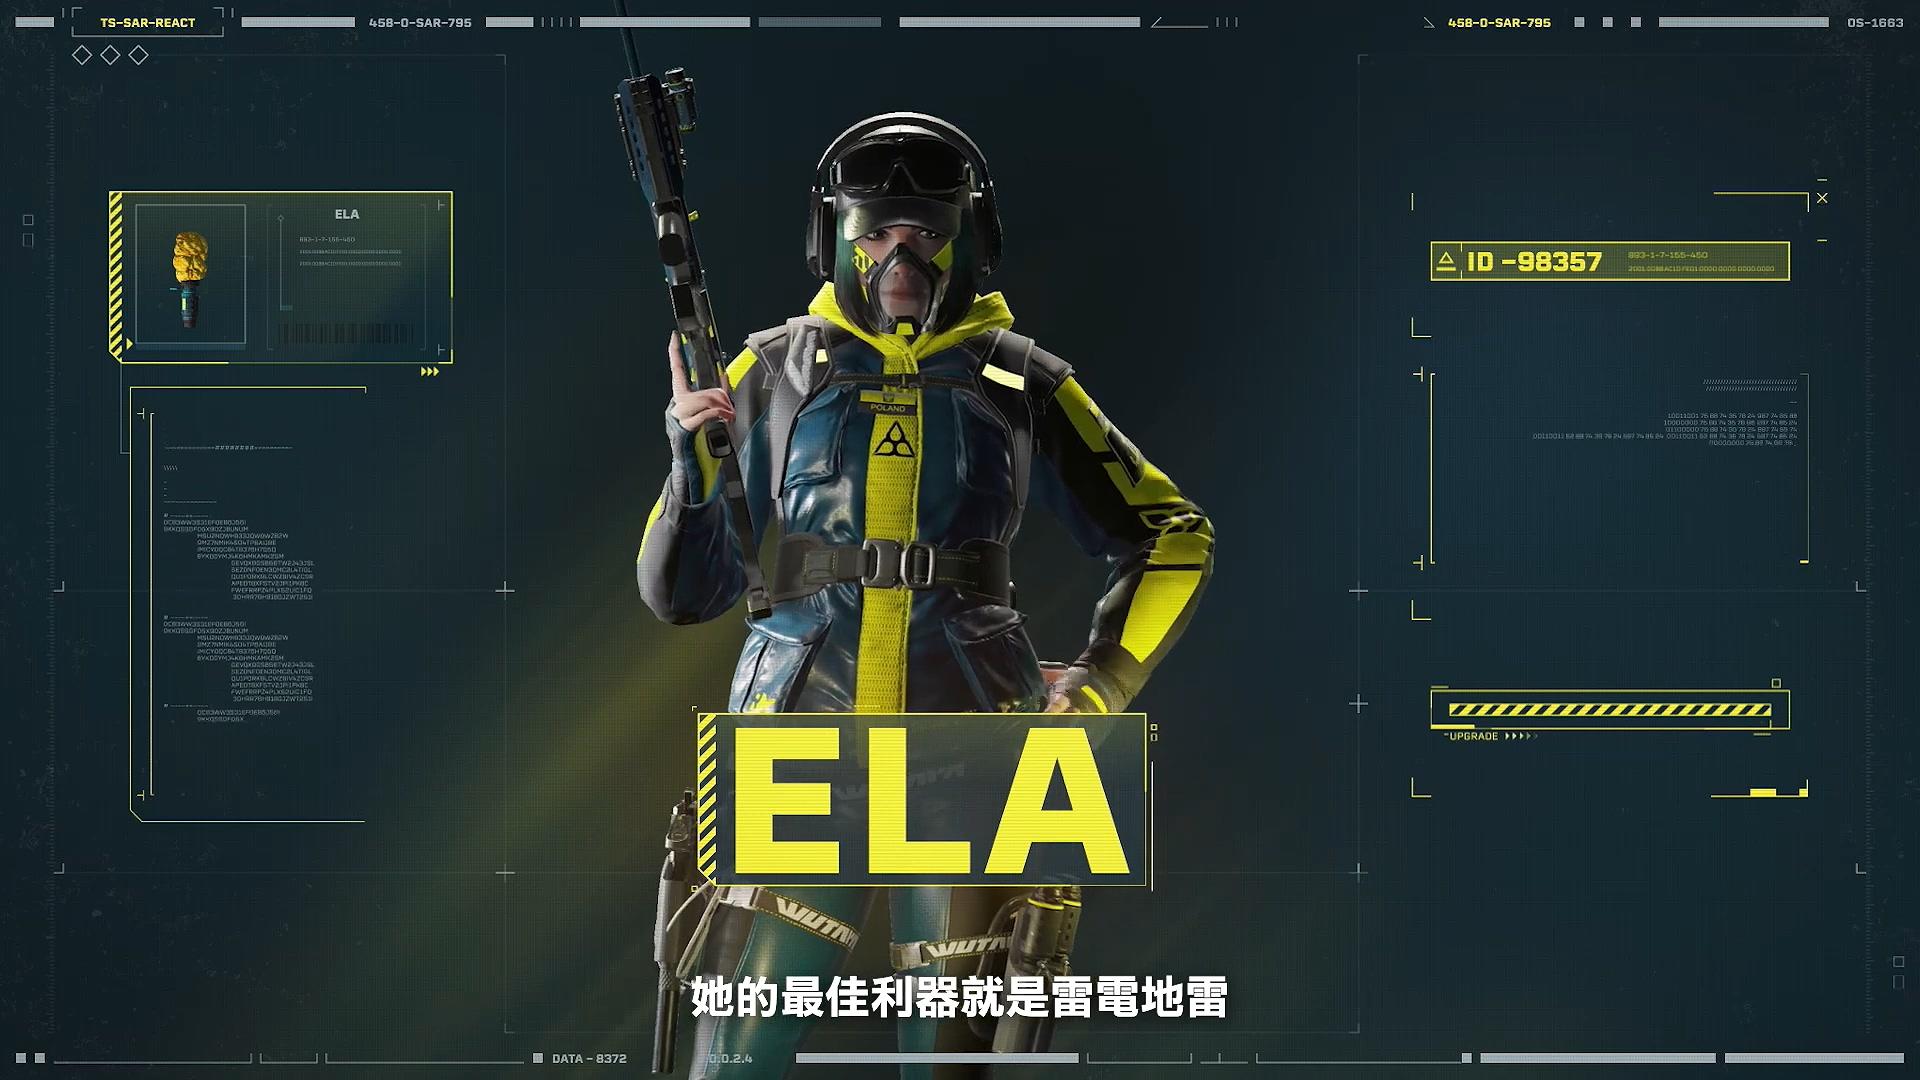 《彩虹六号:异种》干员ELA介绍:雷电地雷掌控战场